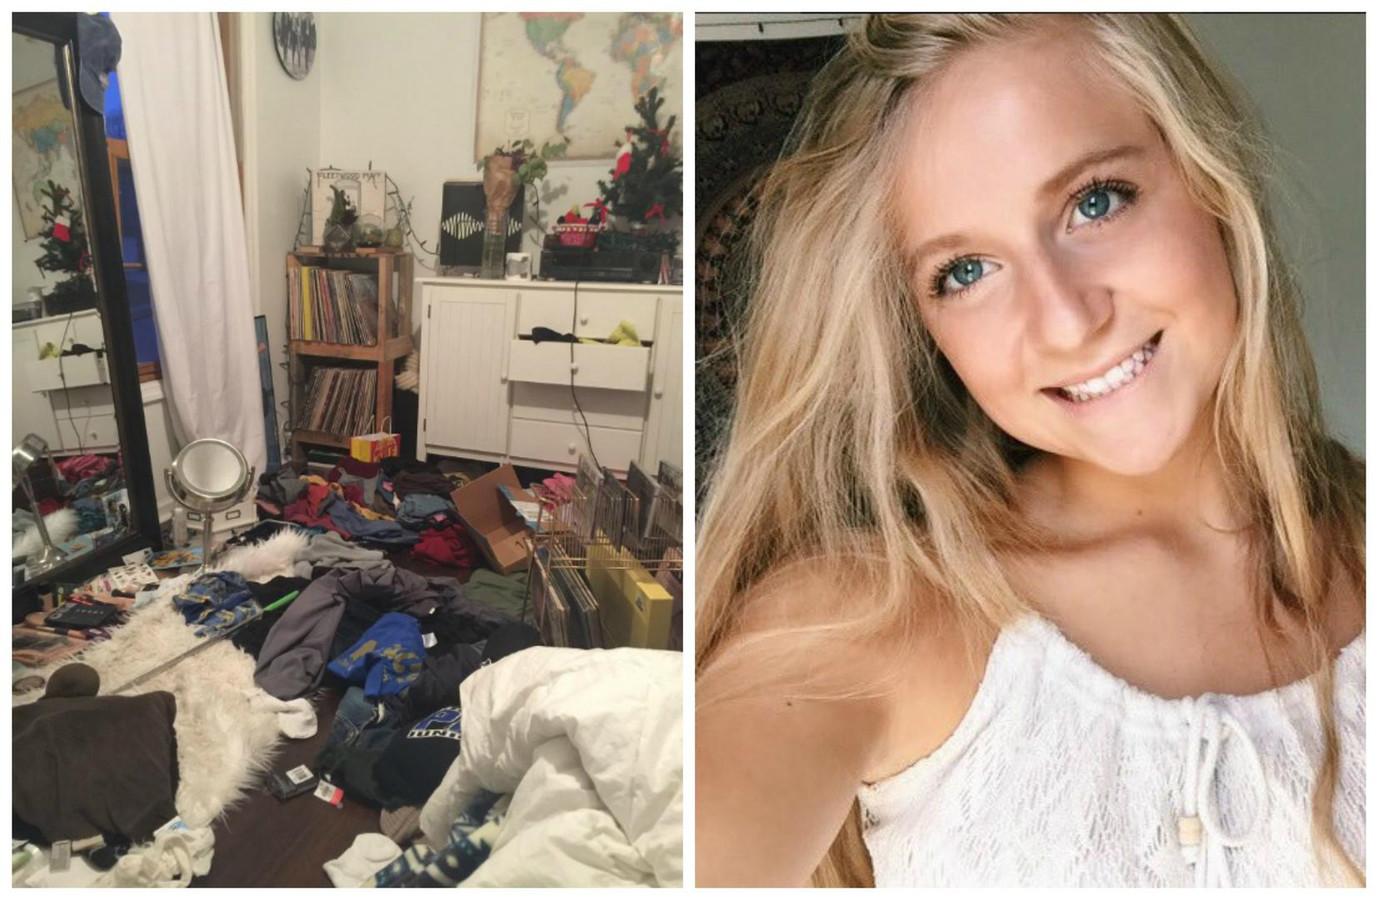 Julia 18 ontdekt op pijnlijke manier waarom ze haar kamer op moet ruimen foto - Relooker haar kamer ...